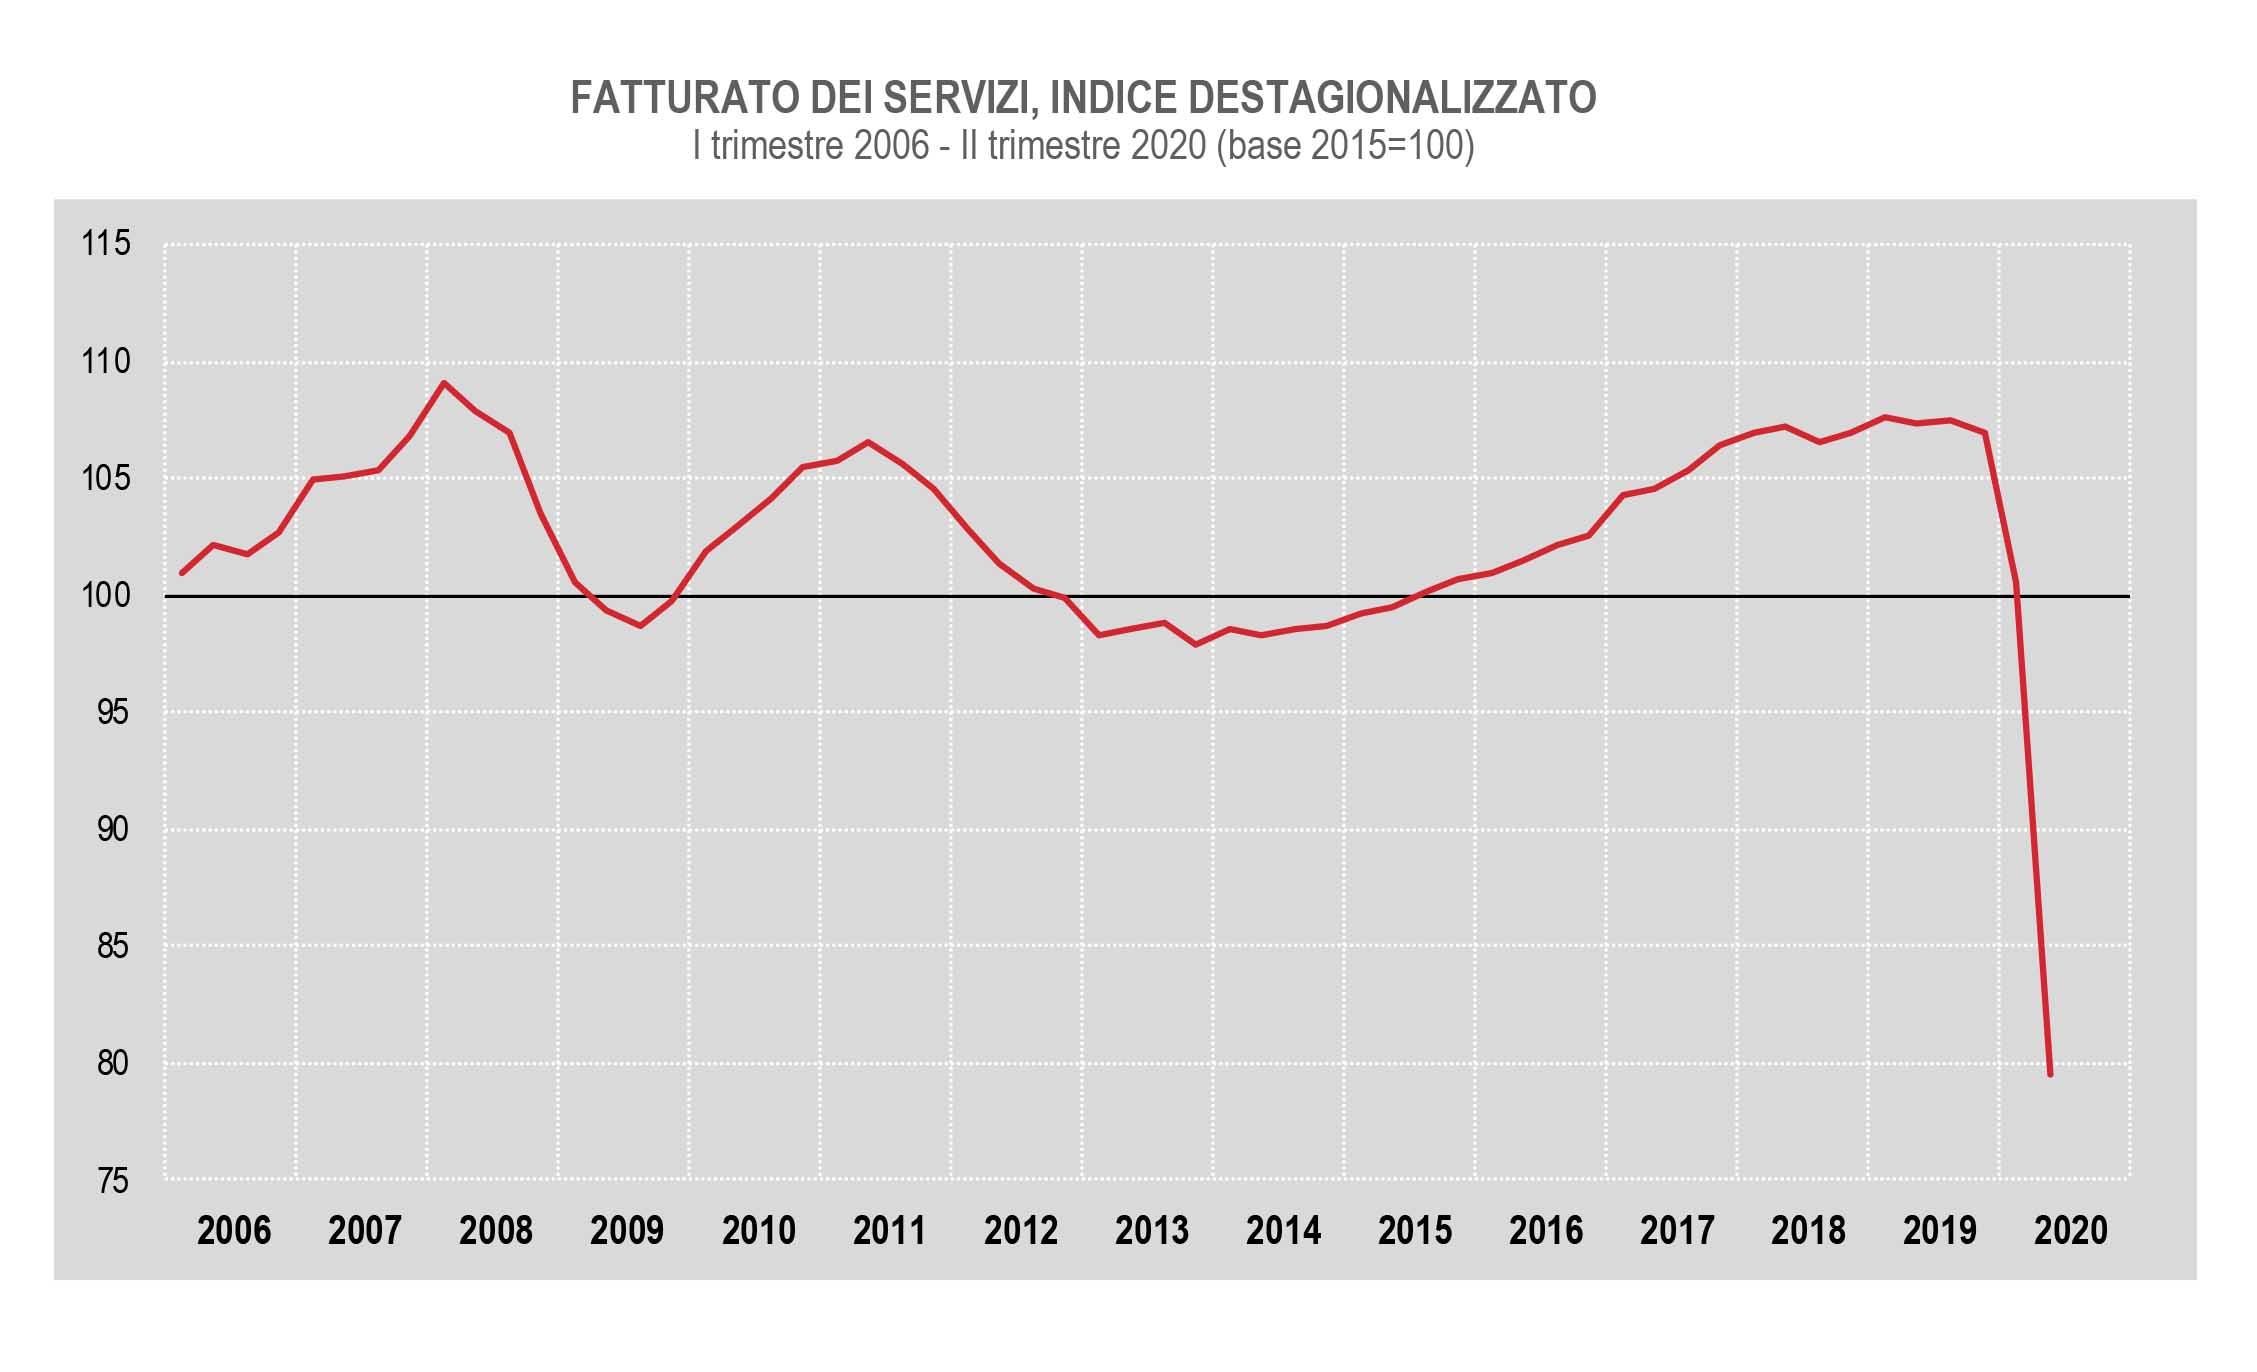 Istat Crollo Del Fatturato Delle Imprese Dei Servizi Nel Ii Semestre 2020 Il Nordest Quotidiano